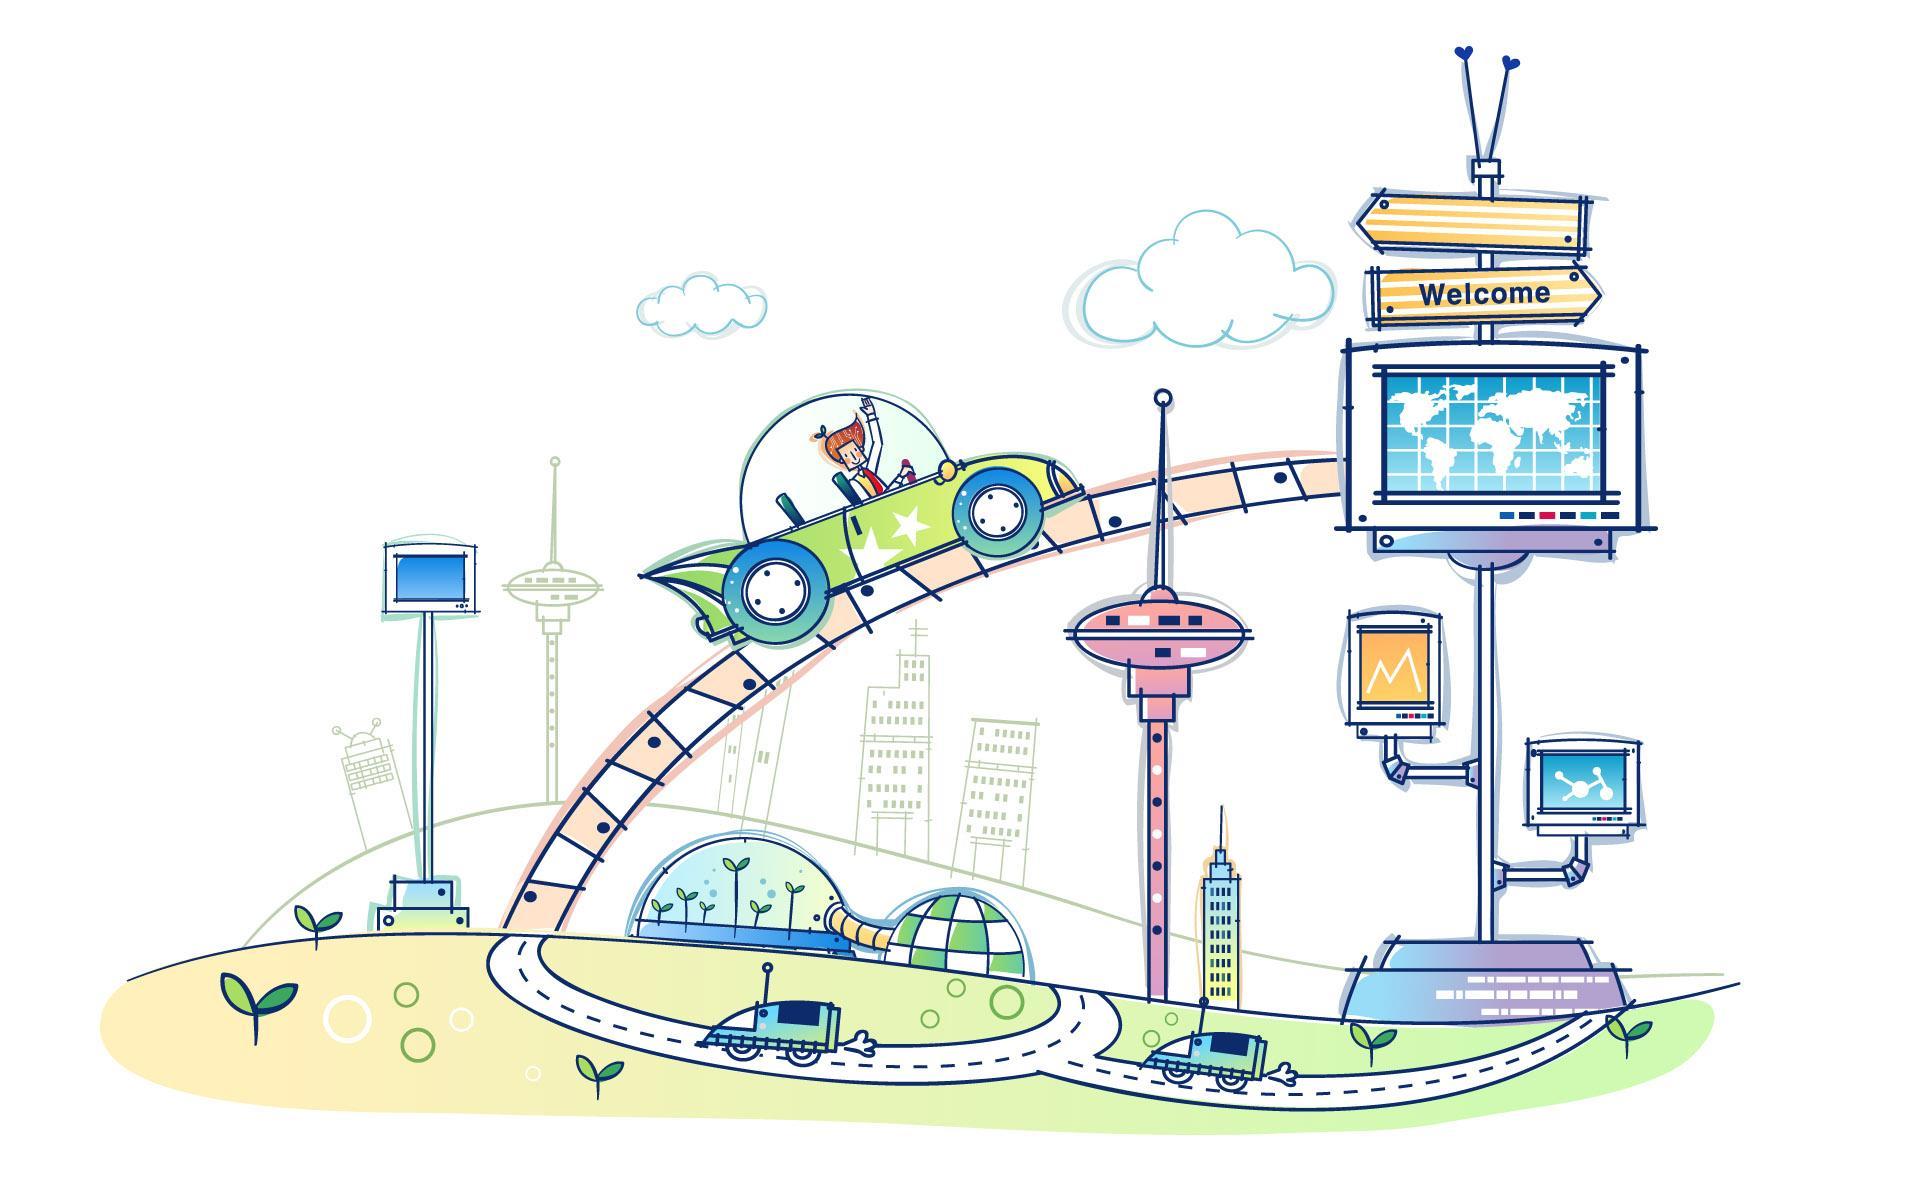 科技儿童画集锦3简笔画大全www zjjsepc com提供 |   图片